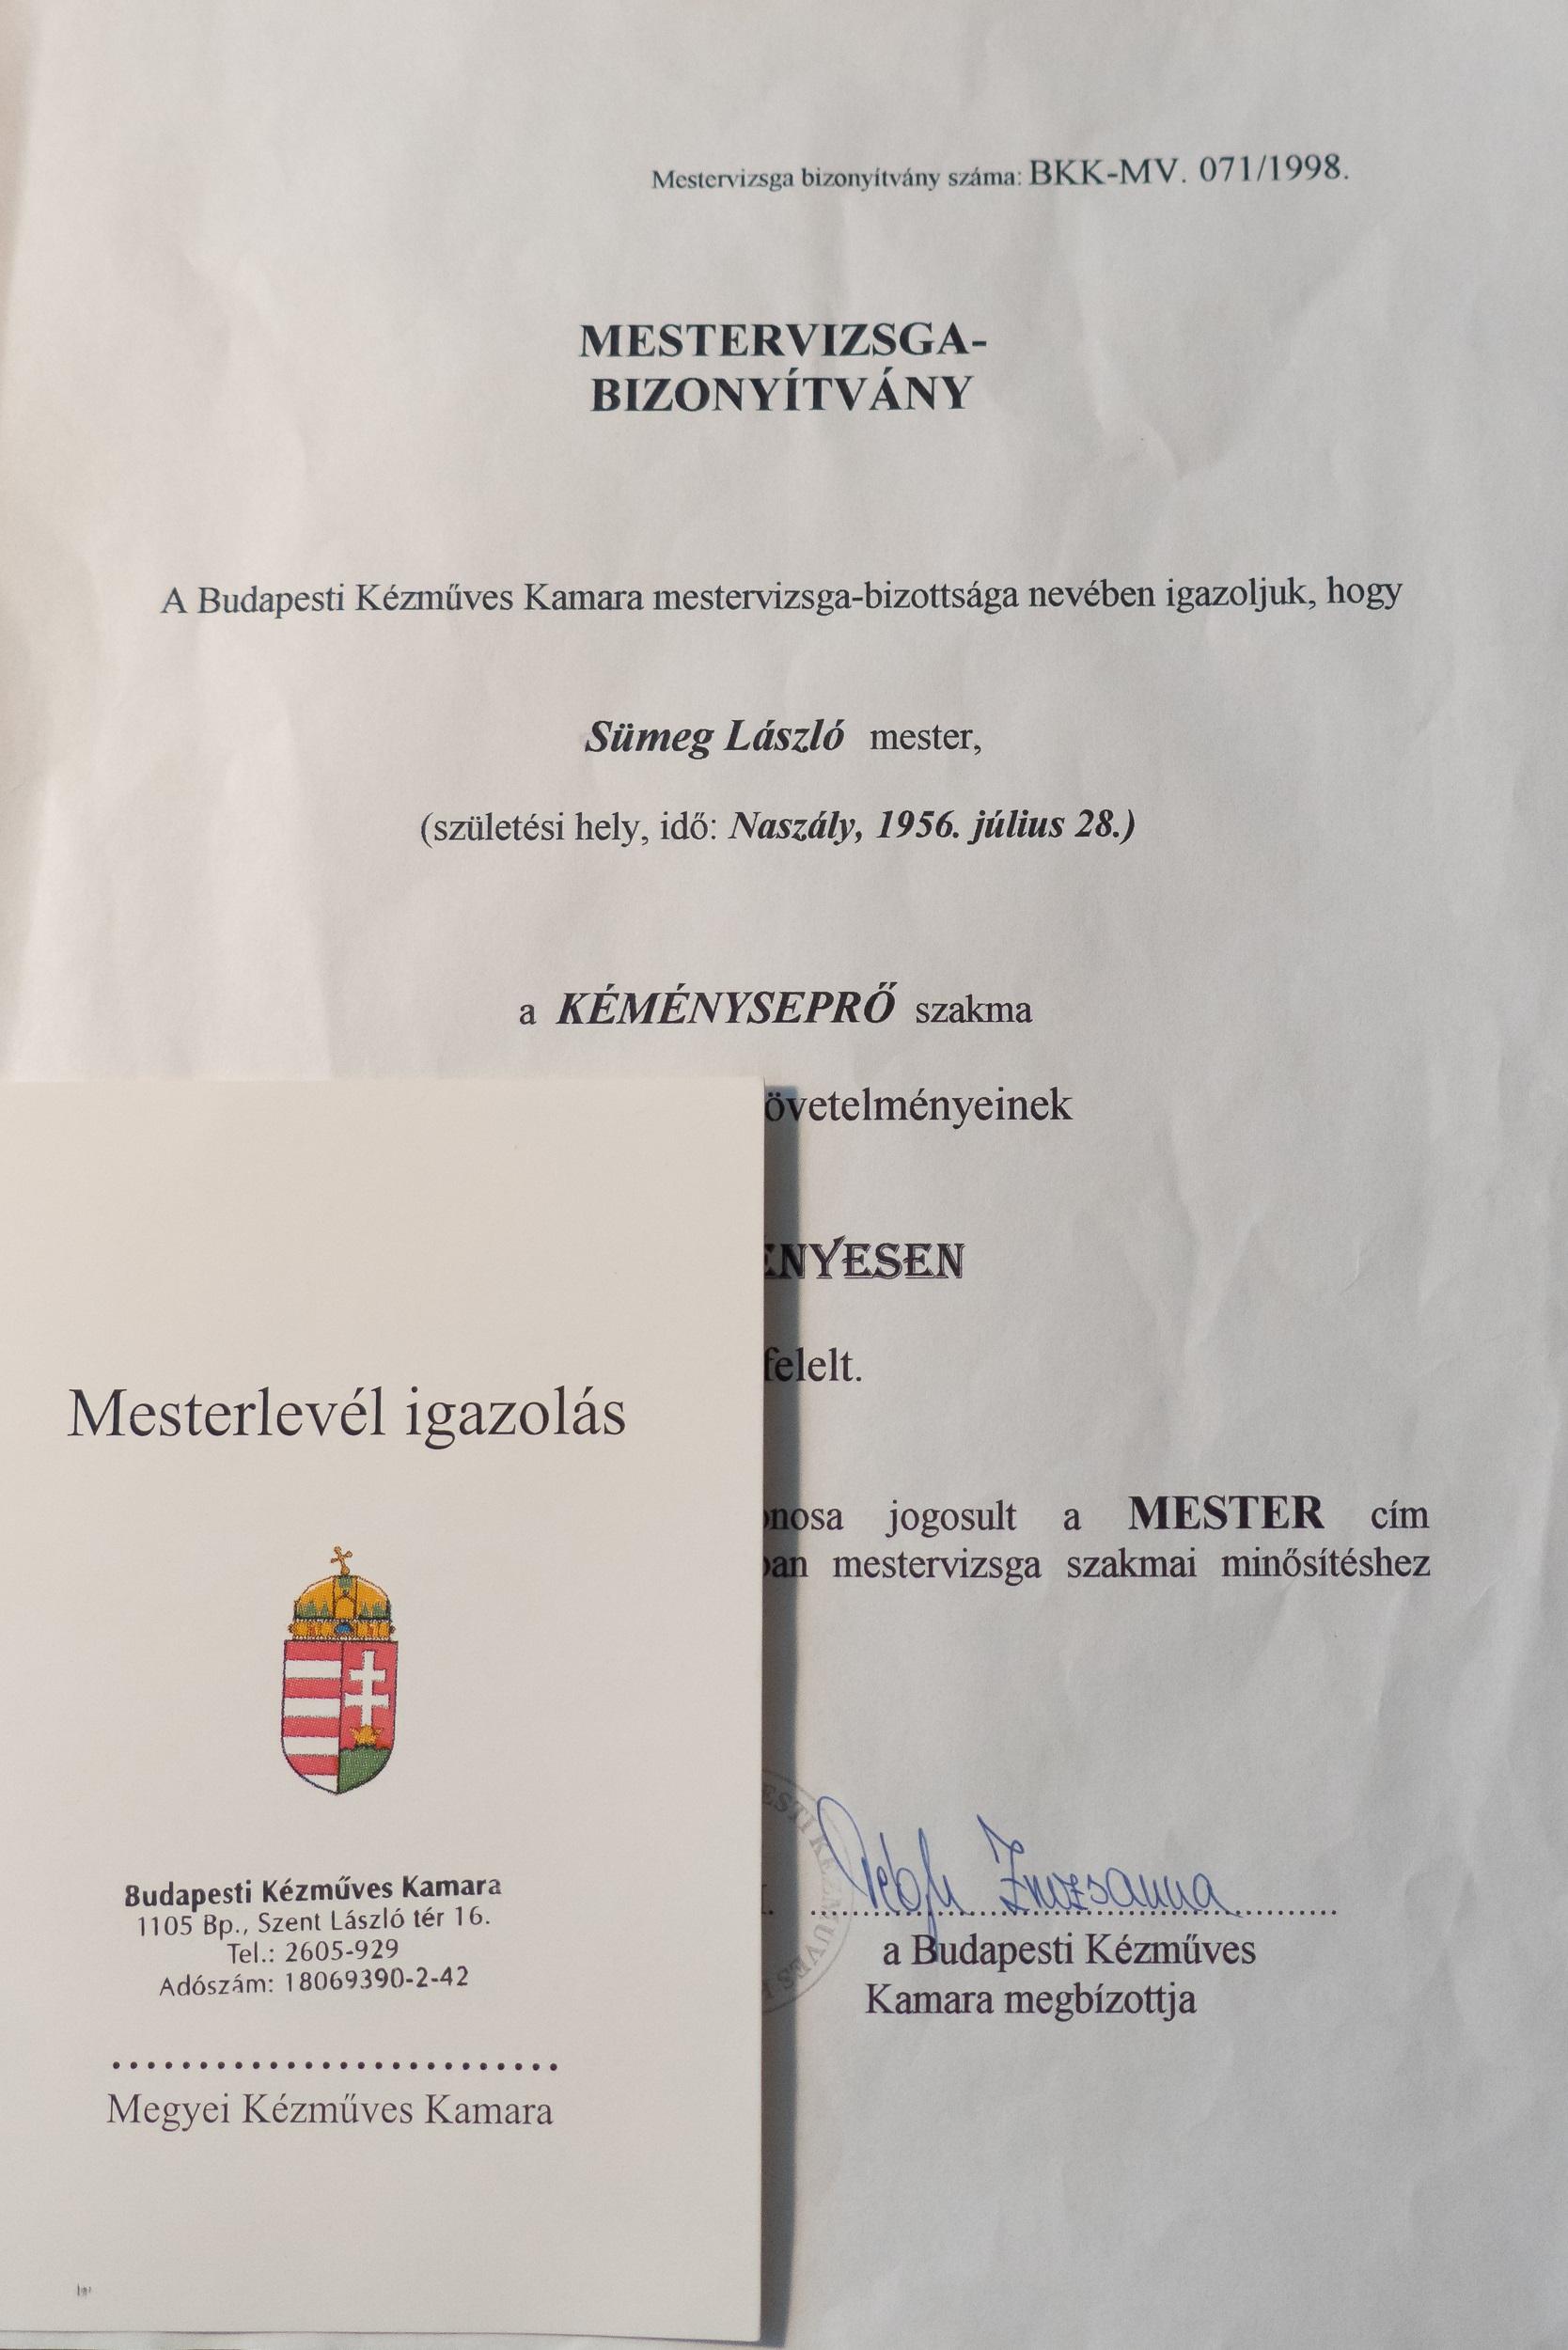 Sümeg László kéményseprőmester mesterlevele